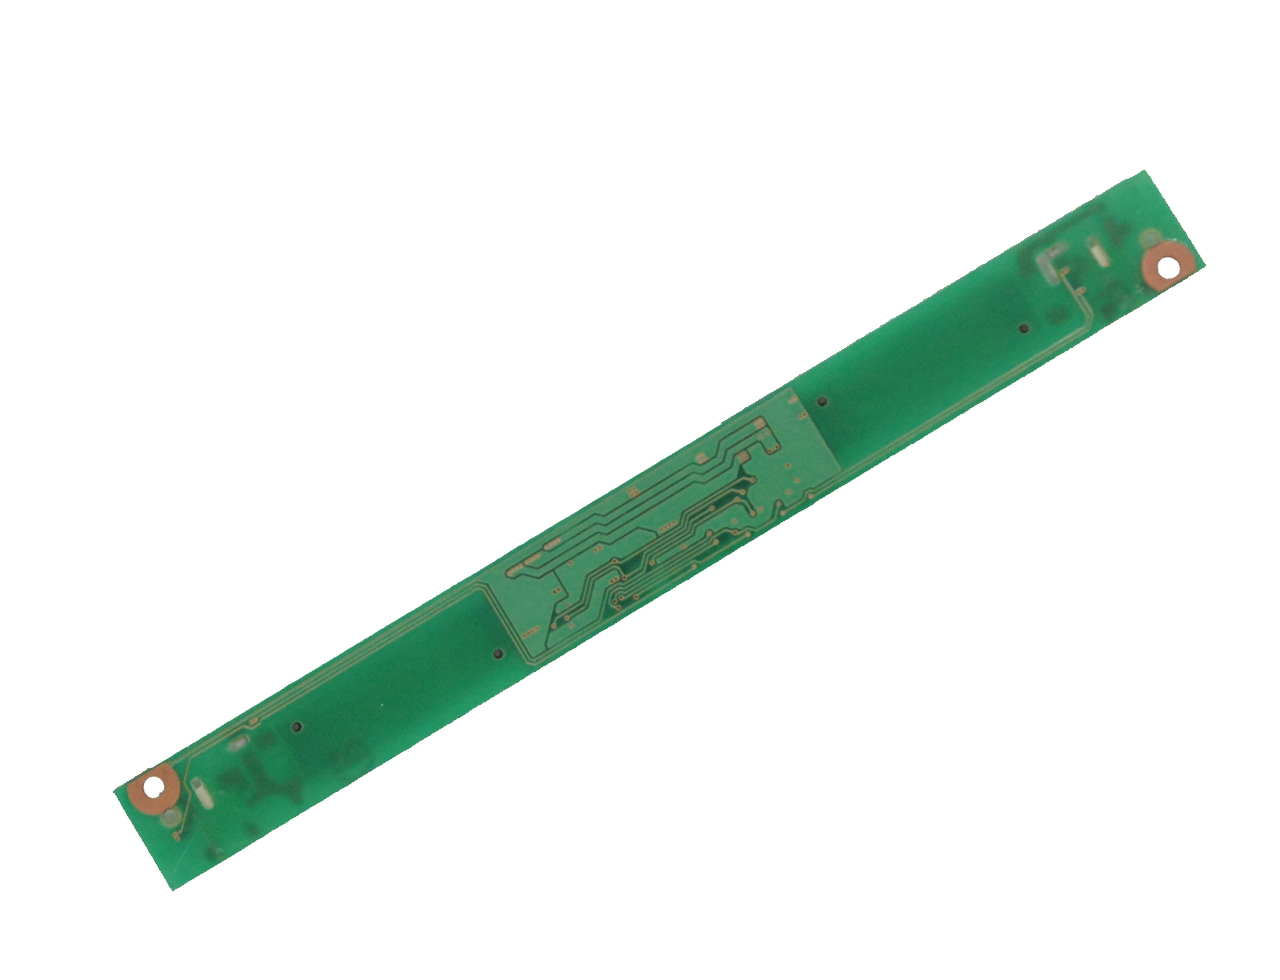 新到货1250pcs Gateway All In One Zx4300 Zx4300-01E Zx4800 Lcd Inverter As023184301 逆变器 高压条板